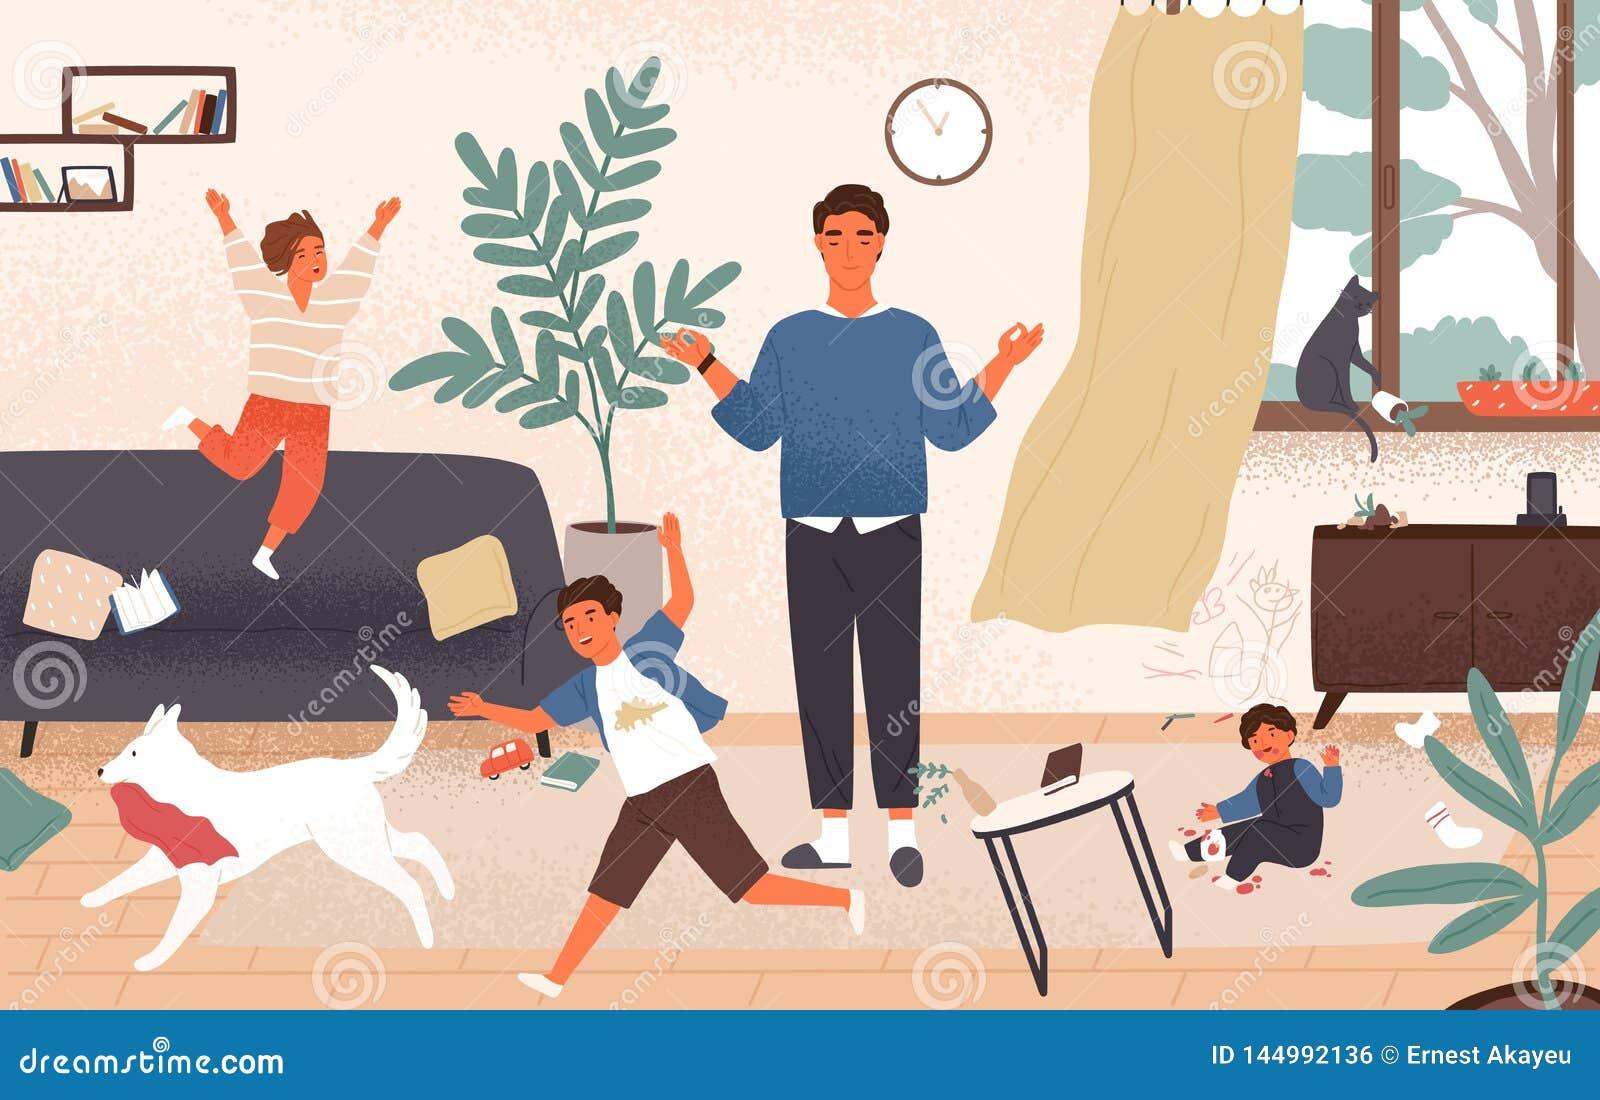 Ήρεμος μπαμπάς και άτακτα απειθή παιδιά που τρέχουν γύρω από τον Ο πατέρας που περιβάλλεται την ηρεμία από τα παιδιά προσπαθεί να